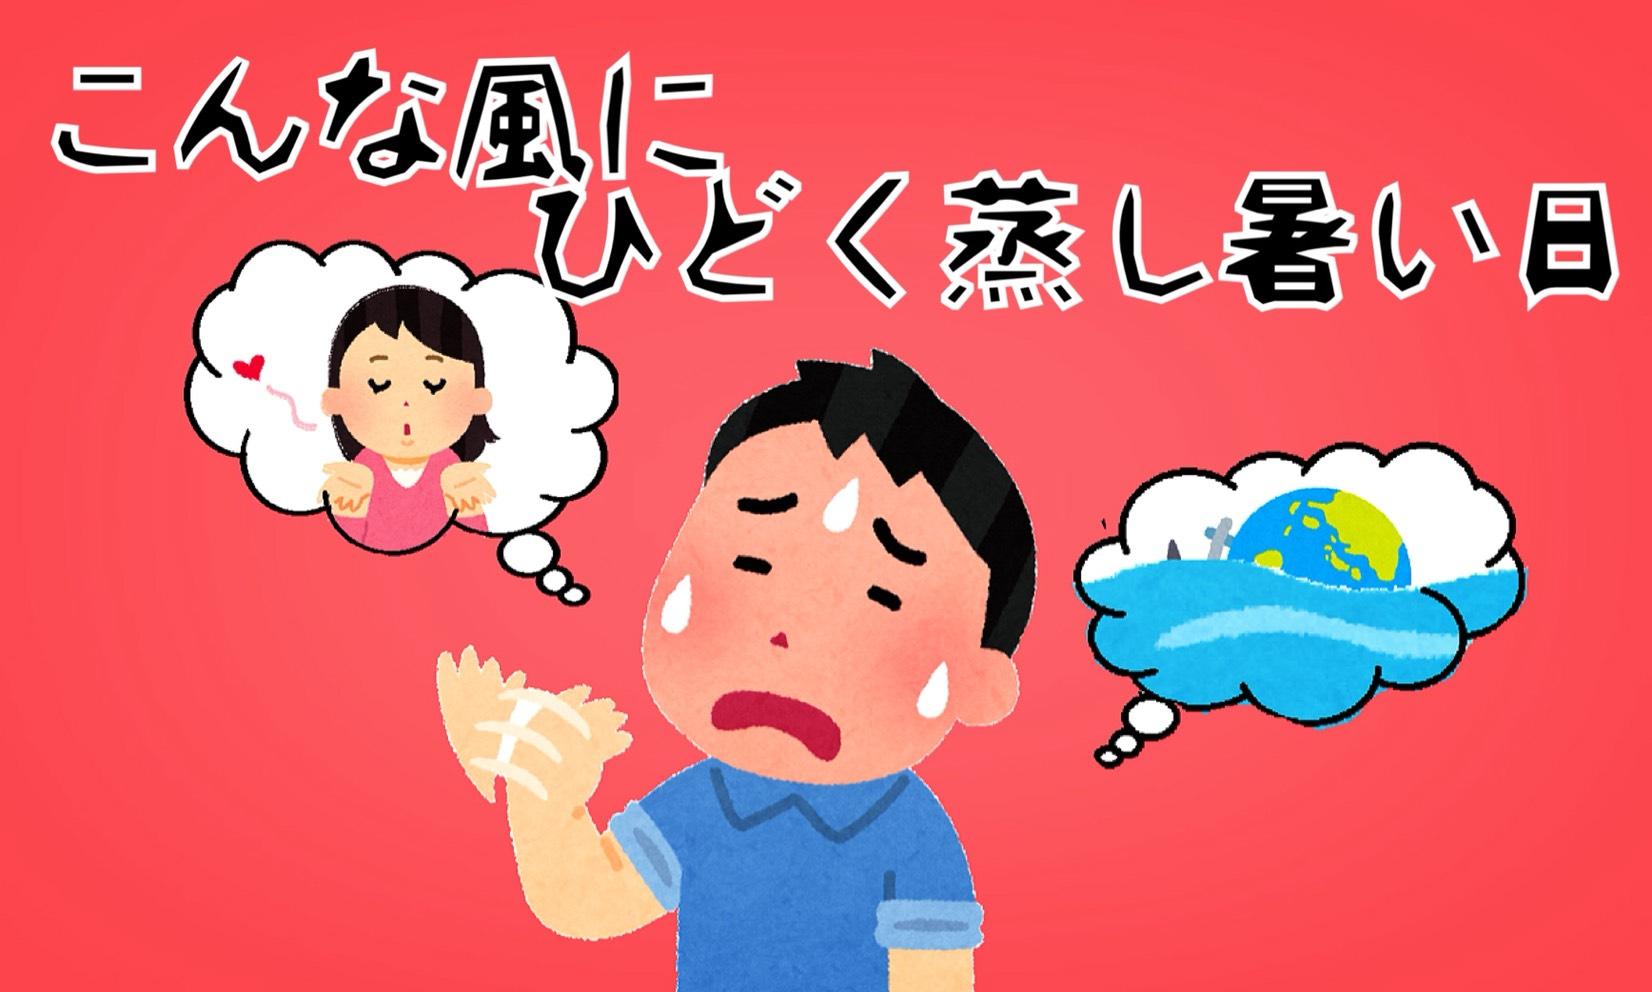 「こんな風にひどく蒸し暑い日」のイメージ